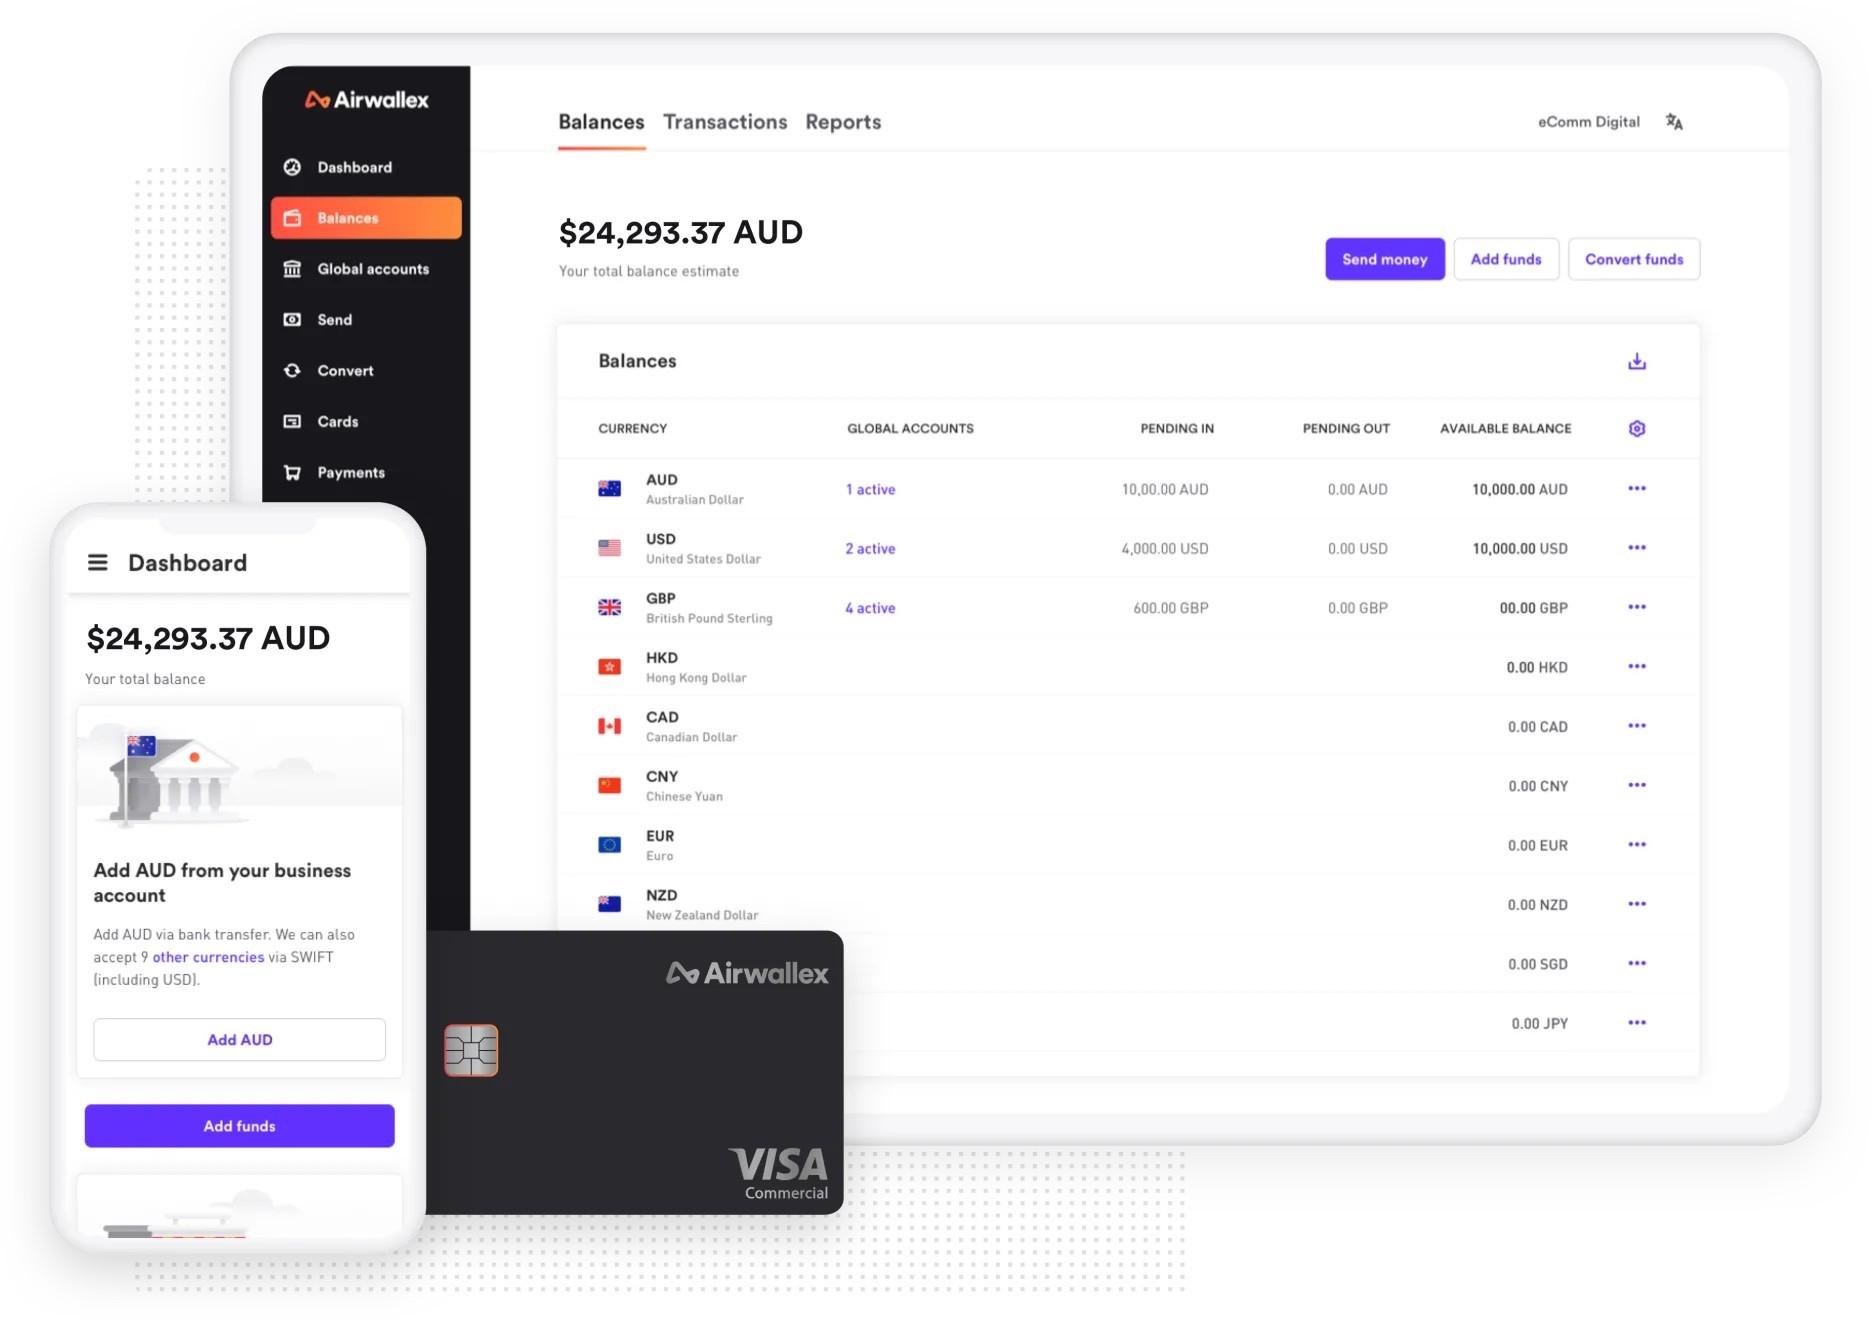 Airwallex platform and offering, Airwallex.com